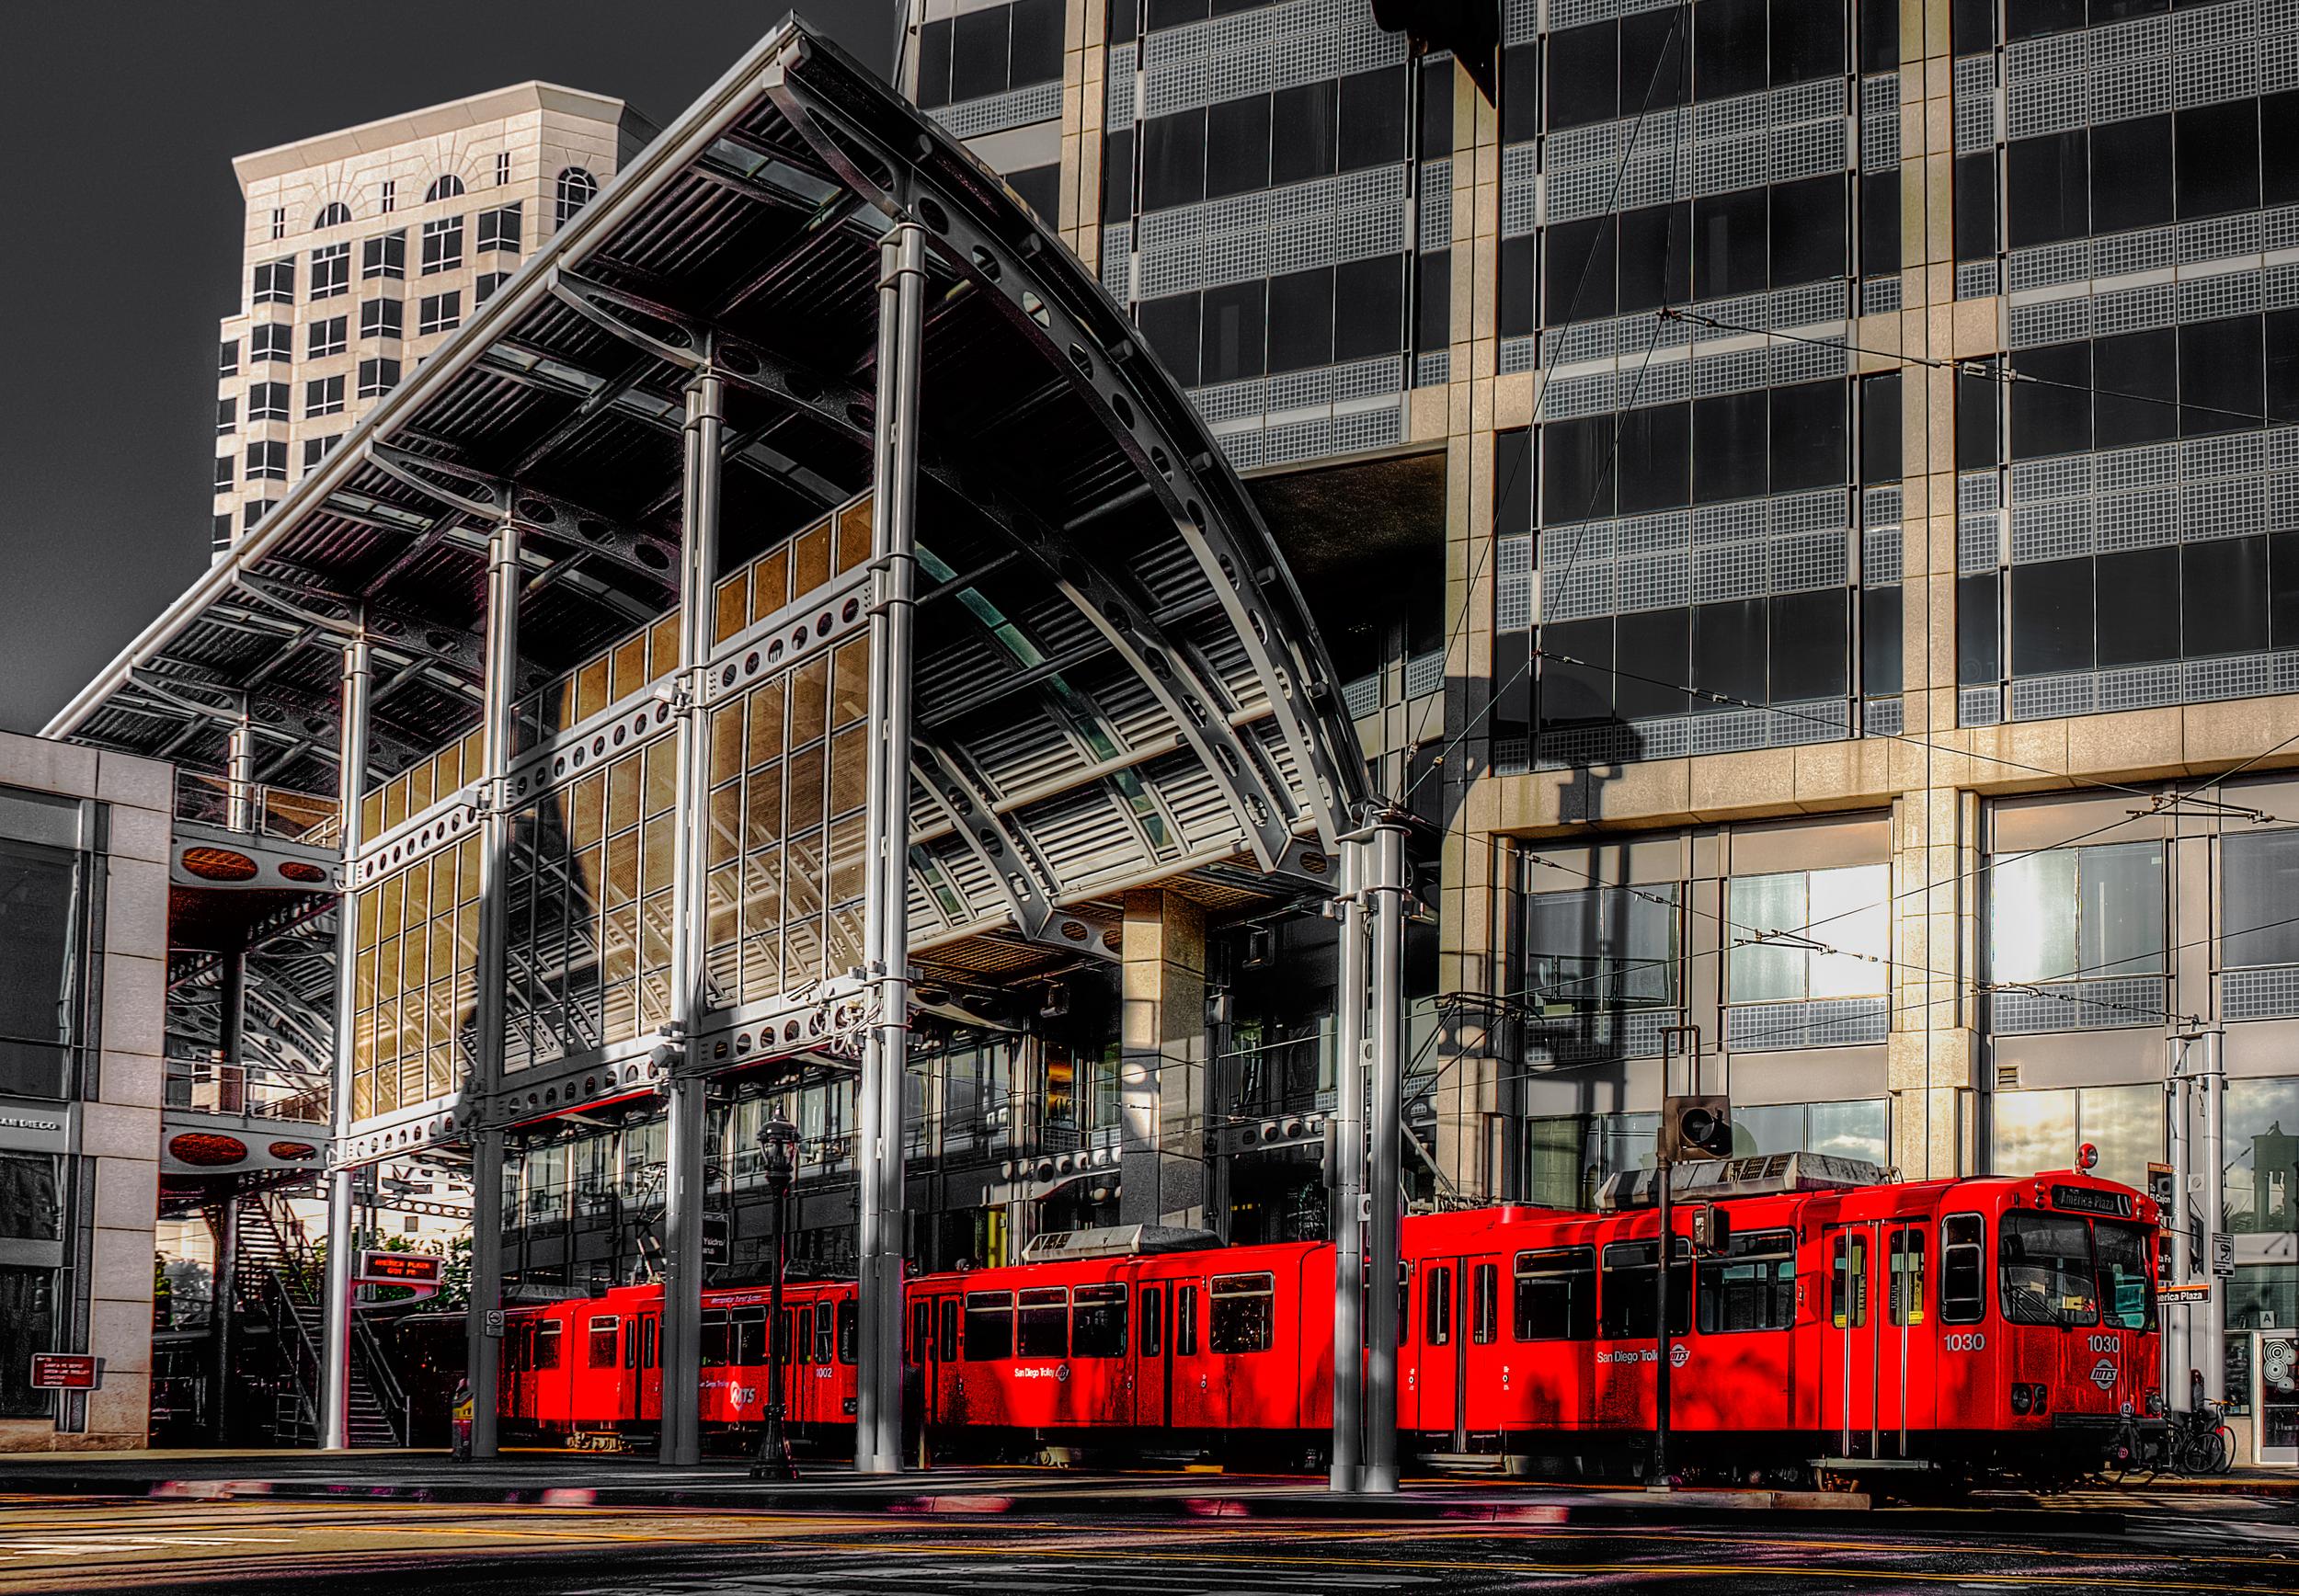 train station 2.jpg